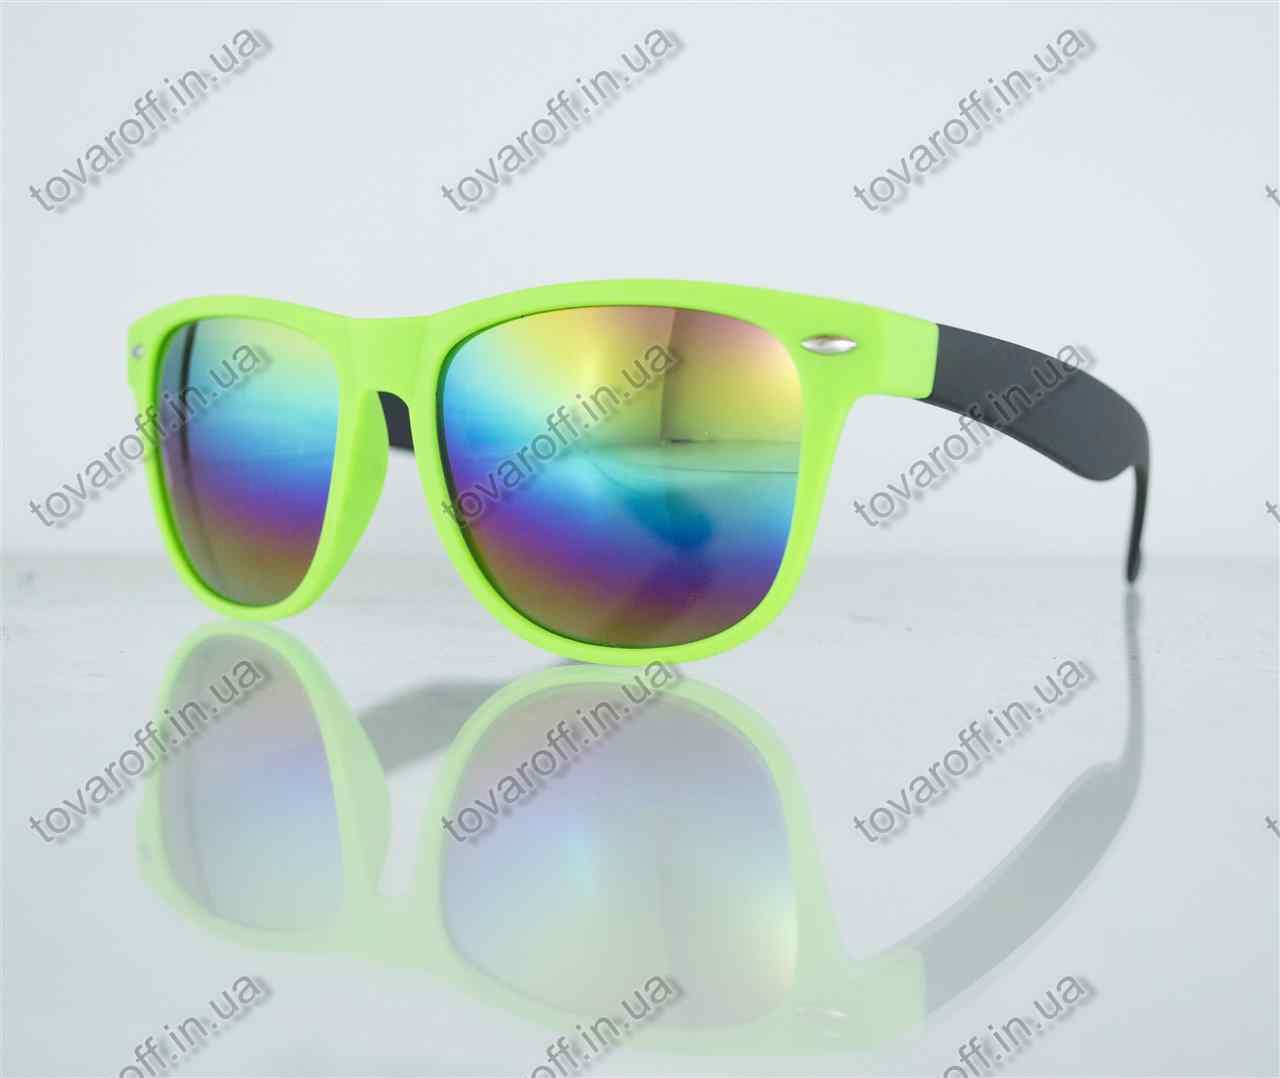 Очки унисекс солнцезащитные Вайфарер (Wayfarer) с зеркальными линзами - Салатово-черные - 2623